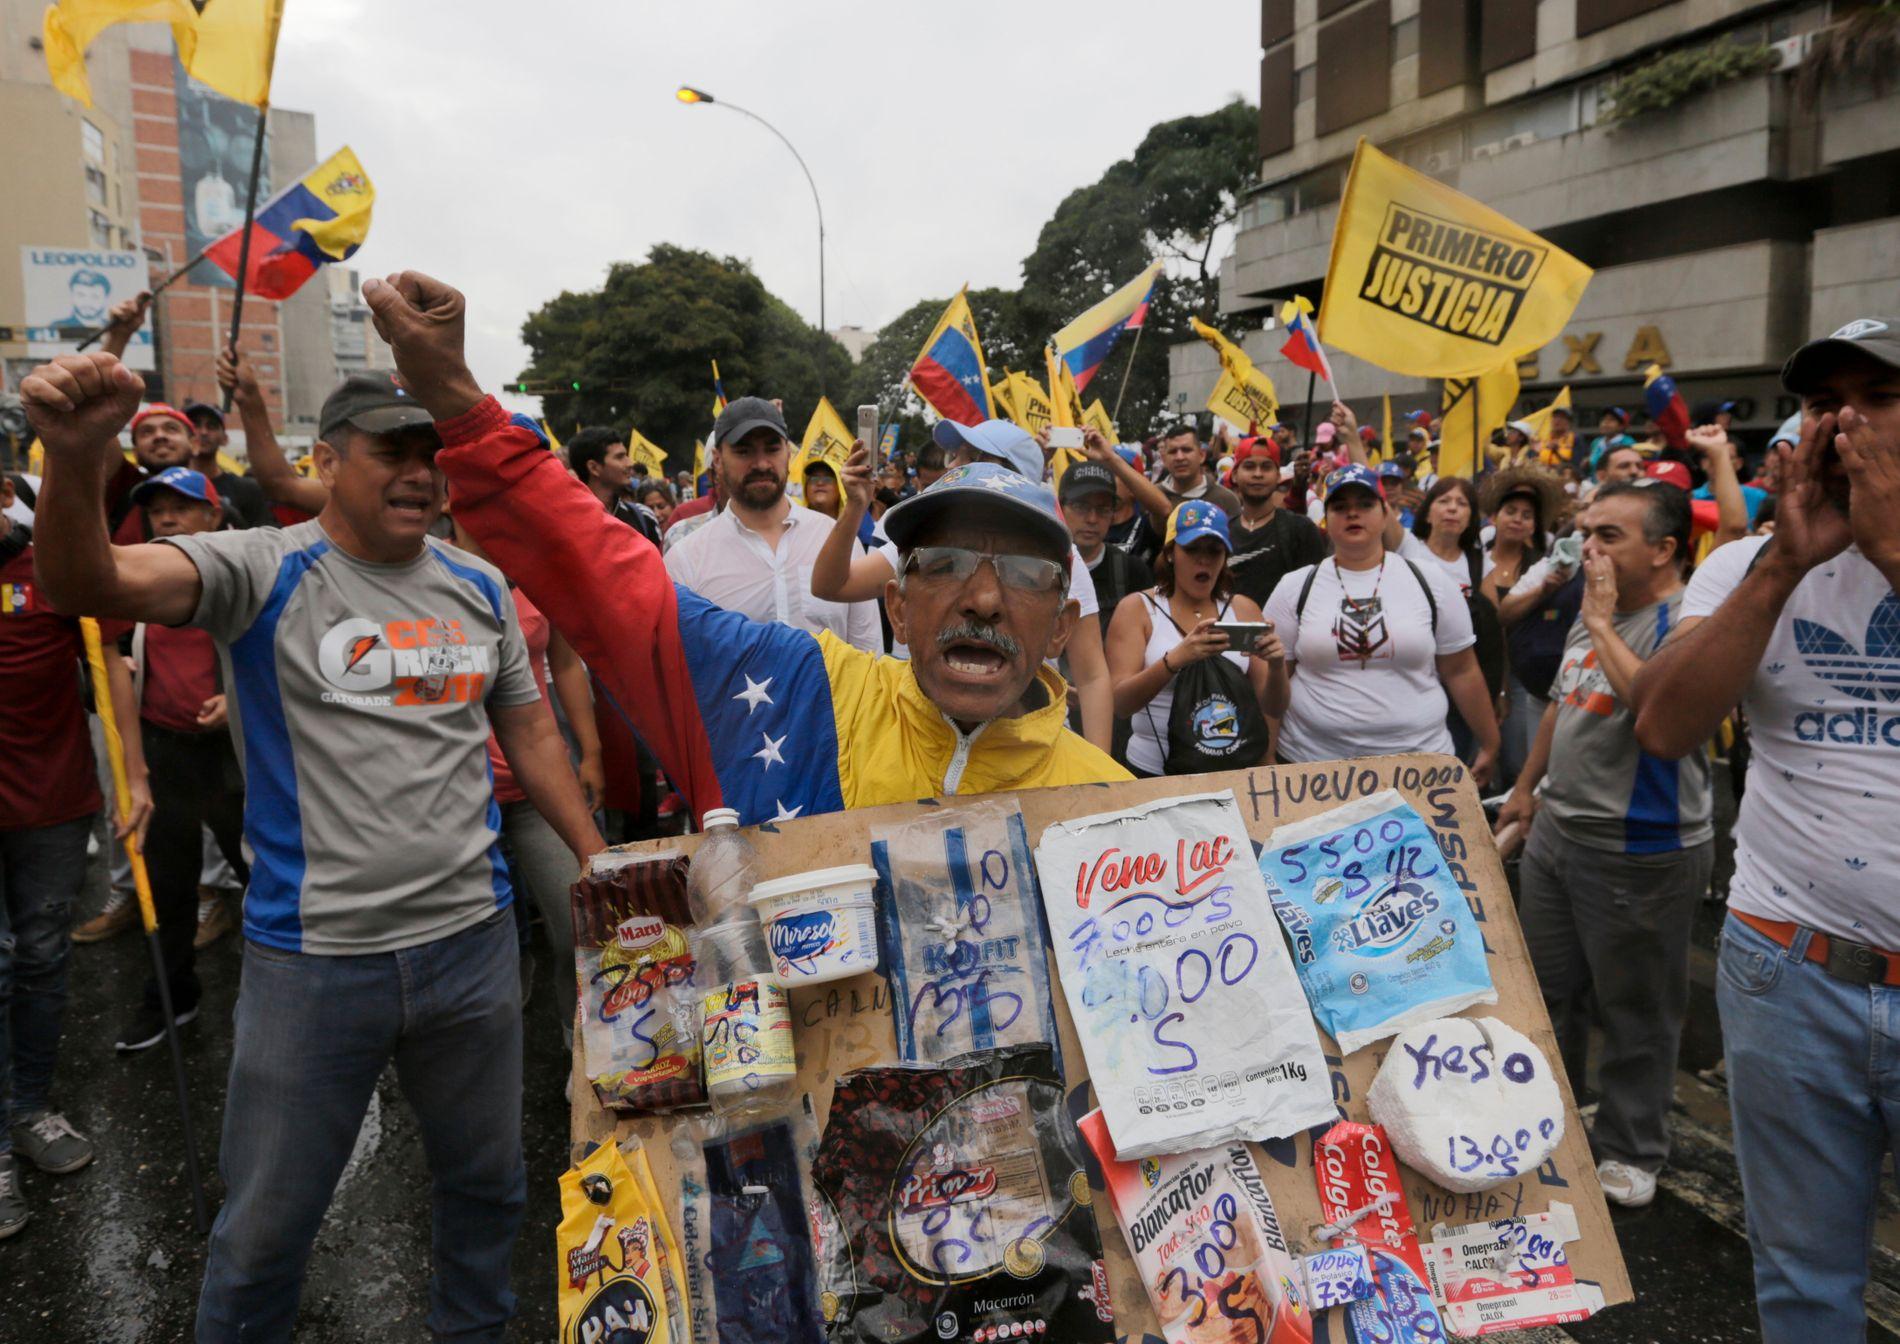 DEMONSTRERER: Motstandere av Venezuelas president Nicolás Maduro demonstrerer i Caracas.